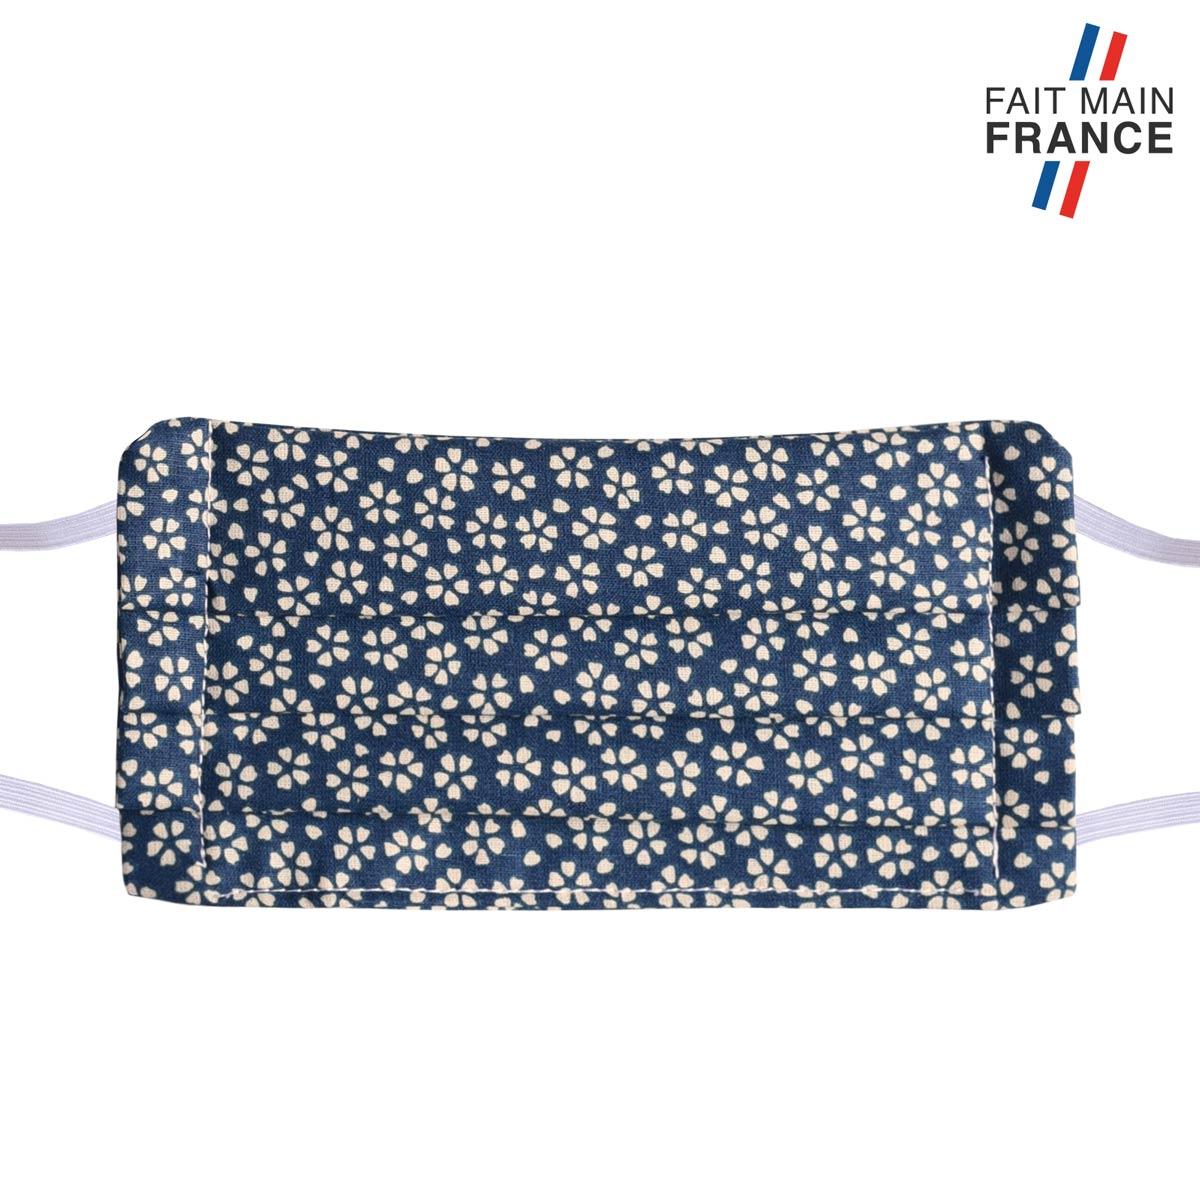 AT-06126-A12-Masque-tissu-liberty-marine